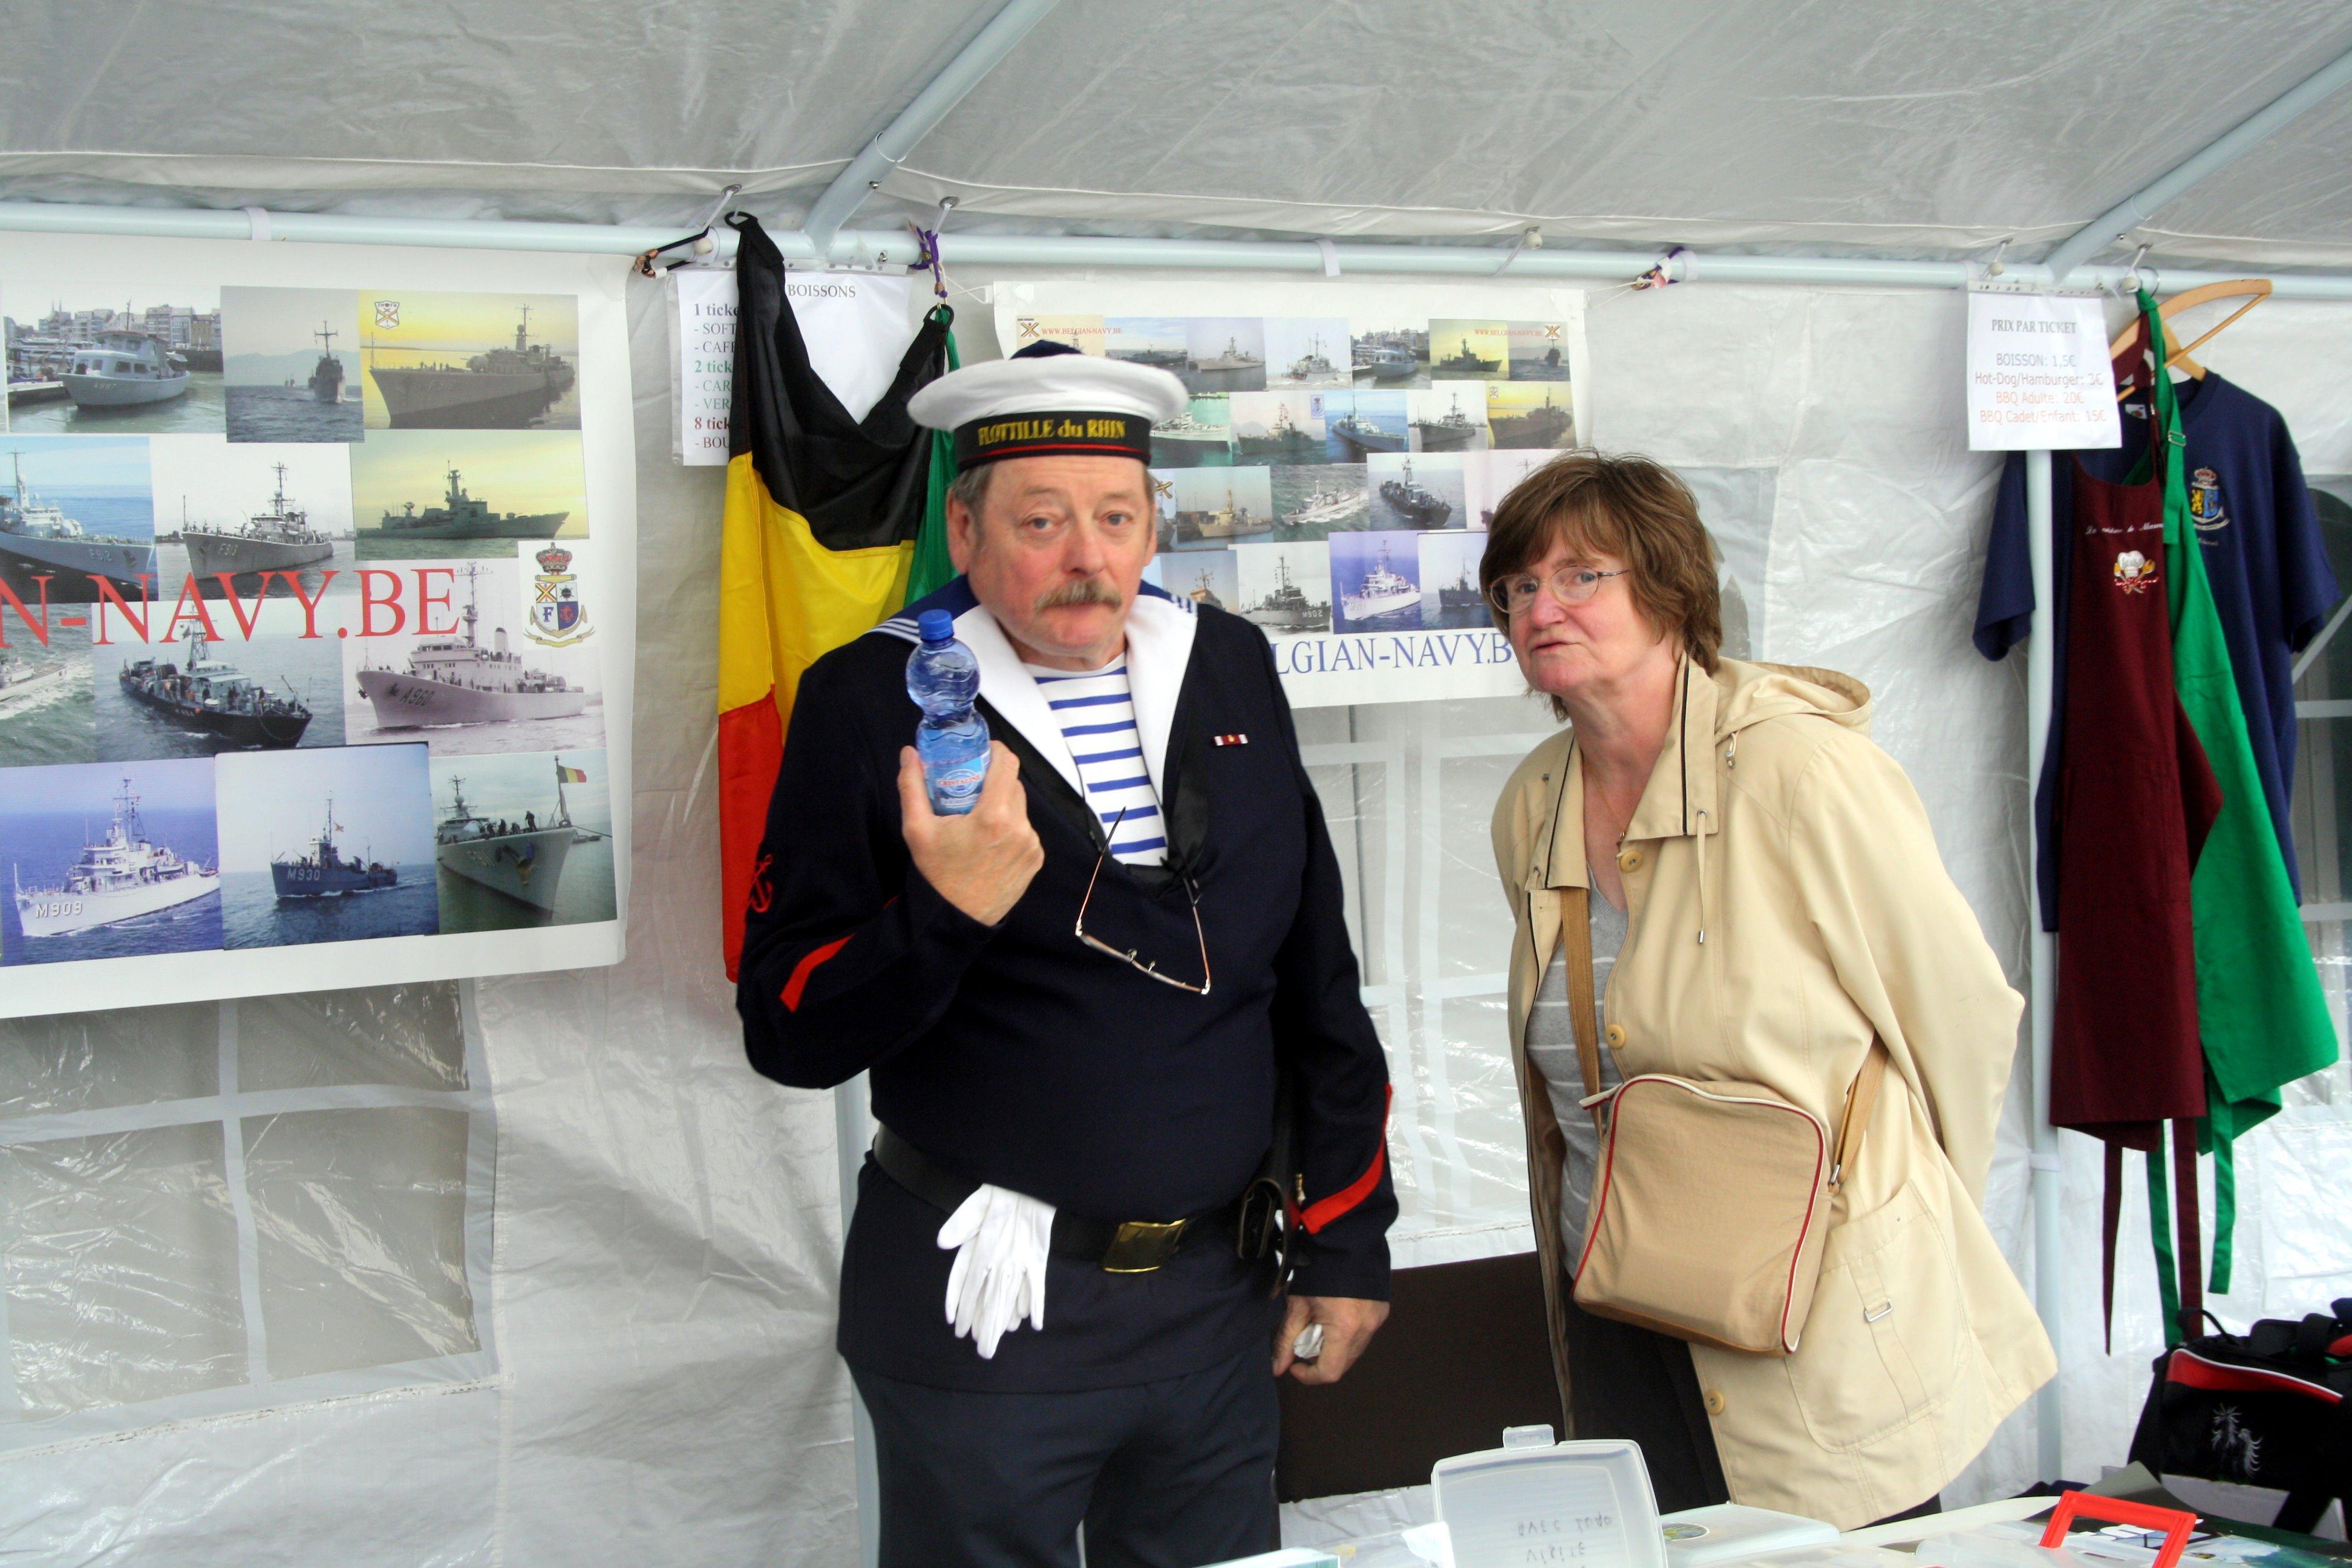 Fastes des Cadets de Marine à Bruxelles le 18/06/2011 - Page 12 1106201249361095838352945